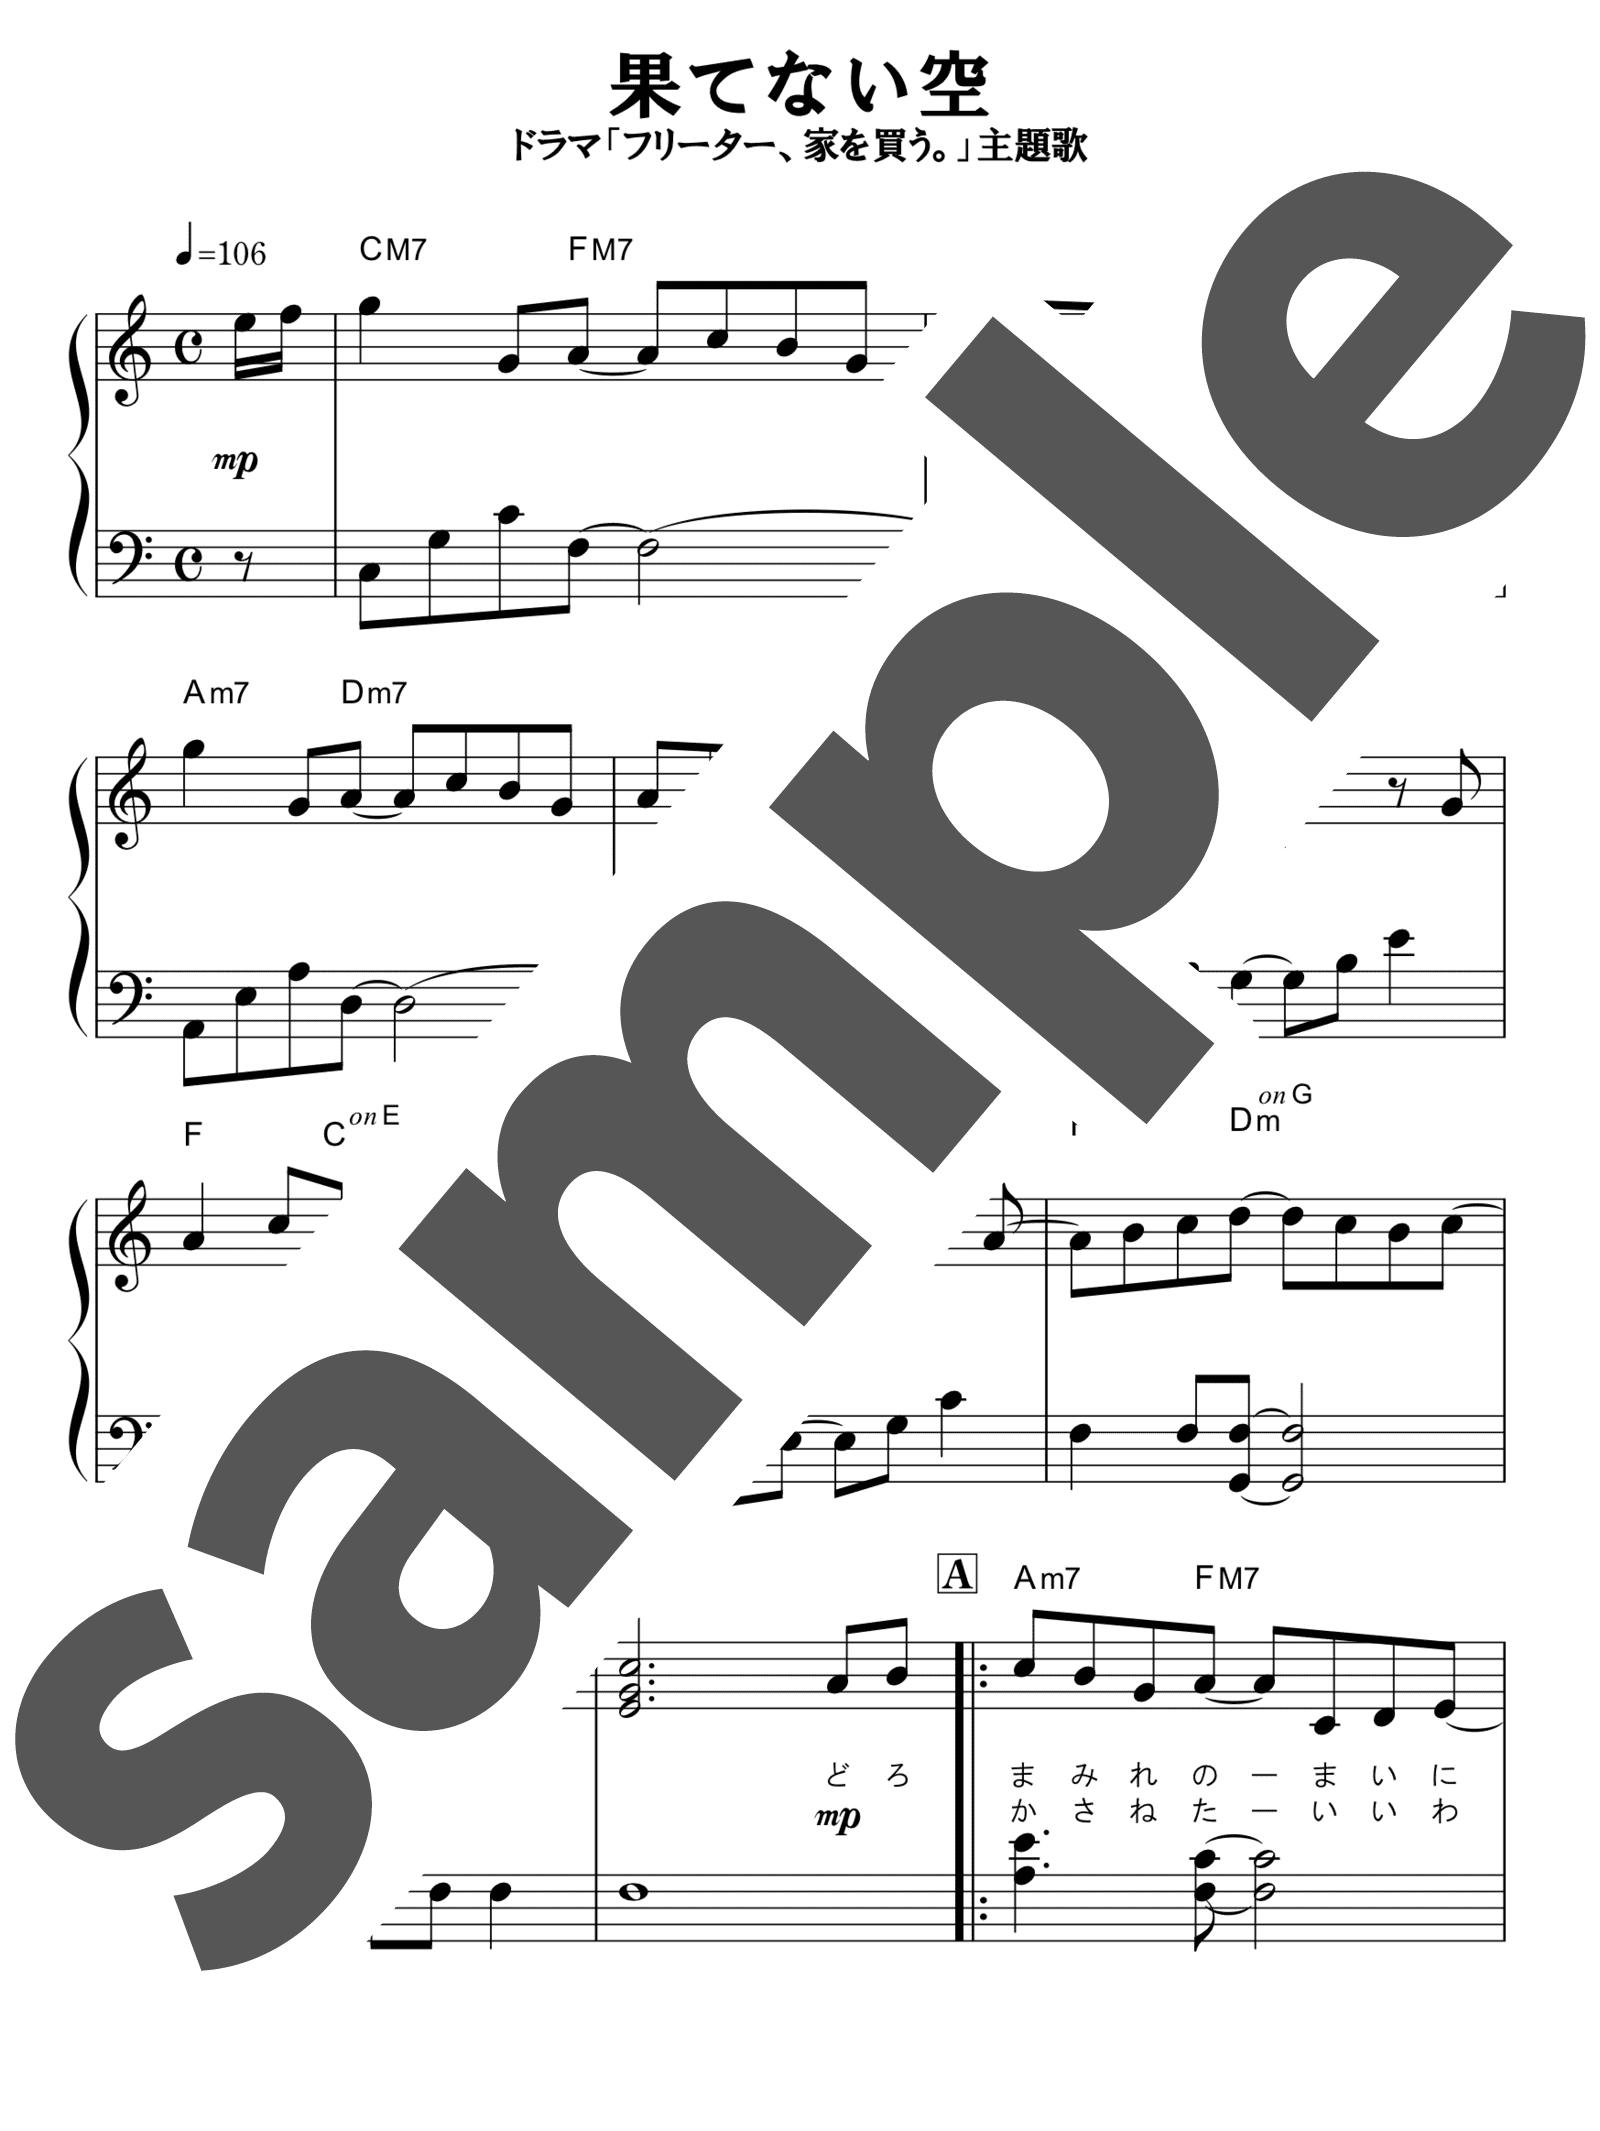 「果てない空」のサンプル楽譜